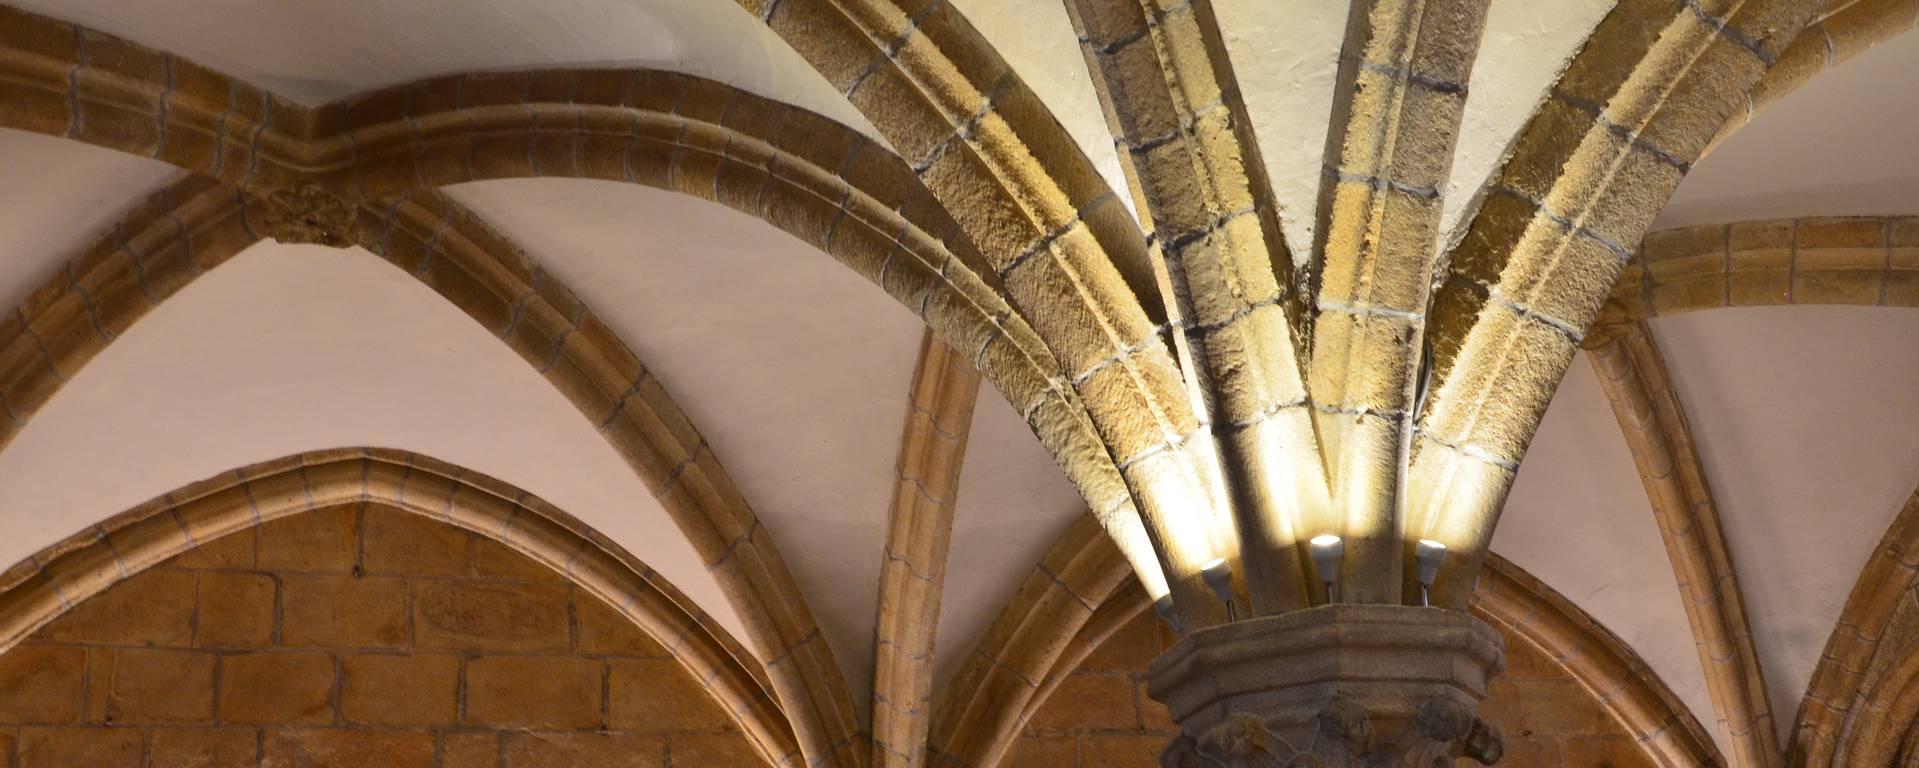 salle capitulaire de l'abbaye Notre Dame de l'abbaye de Langonnet